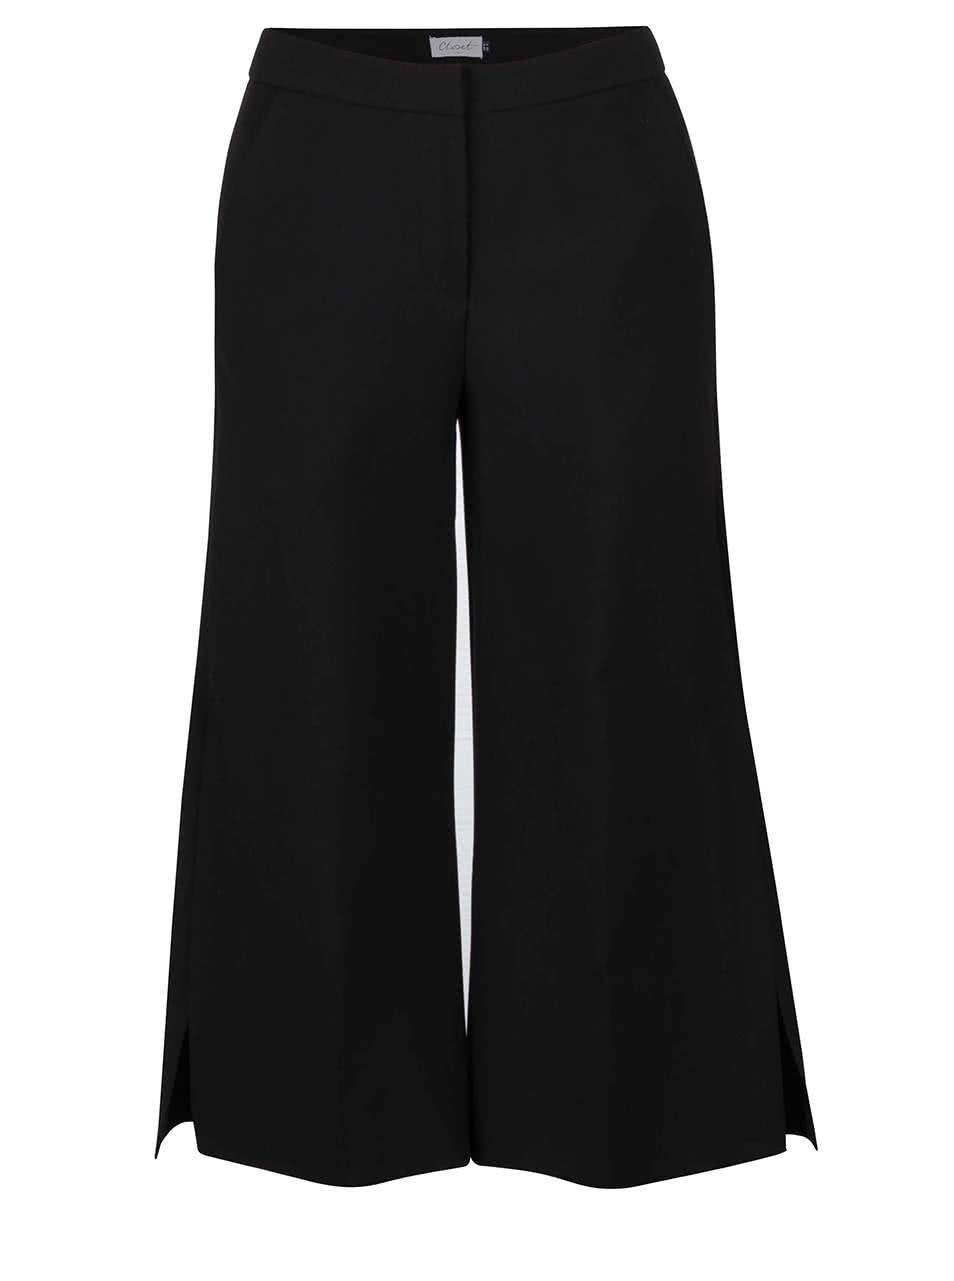 Černé culottes s kapsami Closet